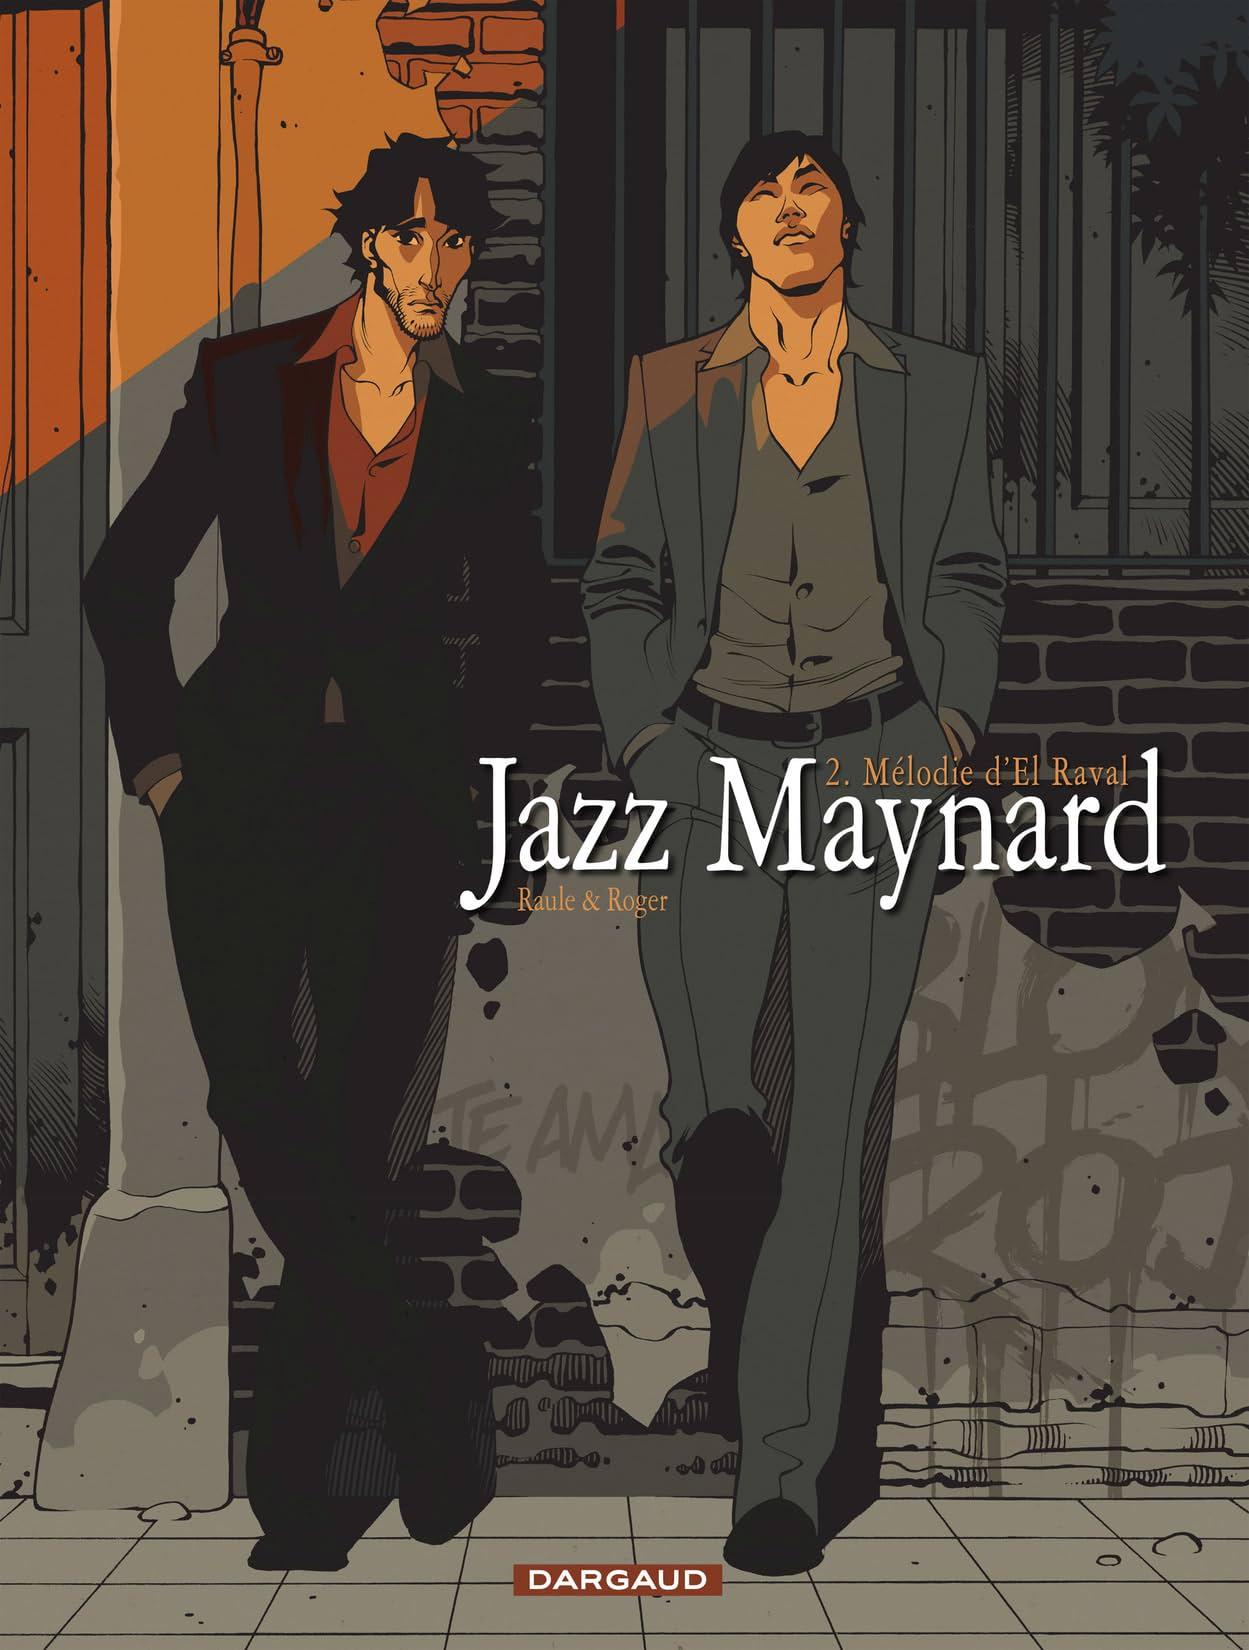 Jazz Maynard Tome 2: Mélodie d'El Raval